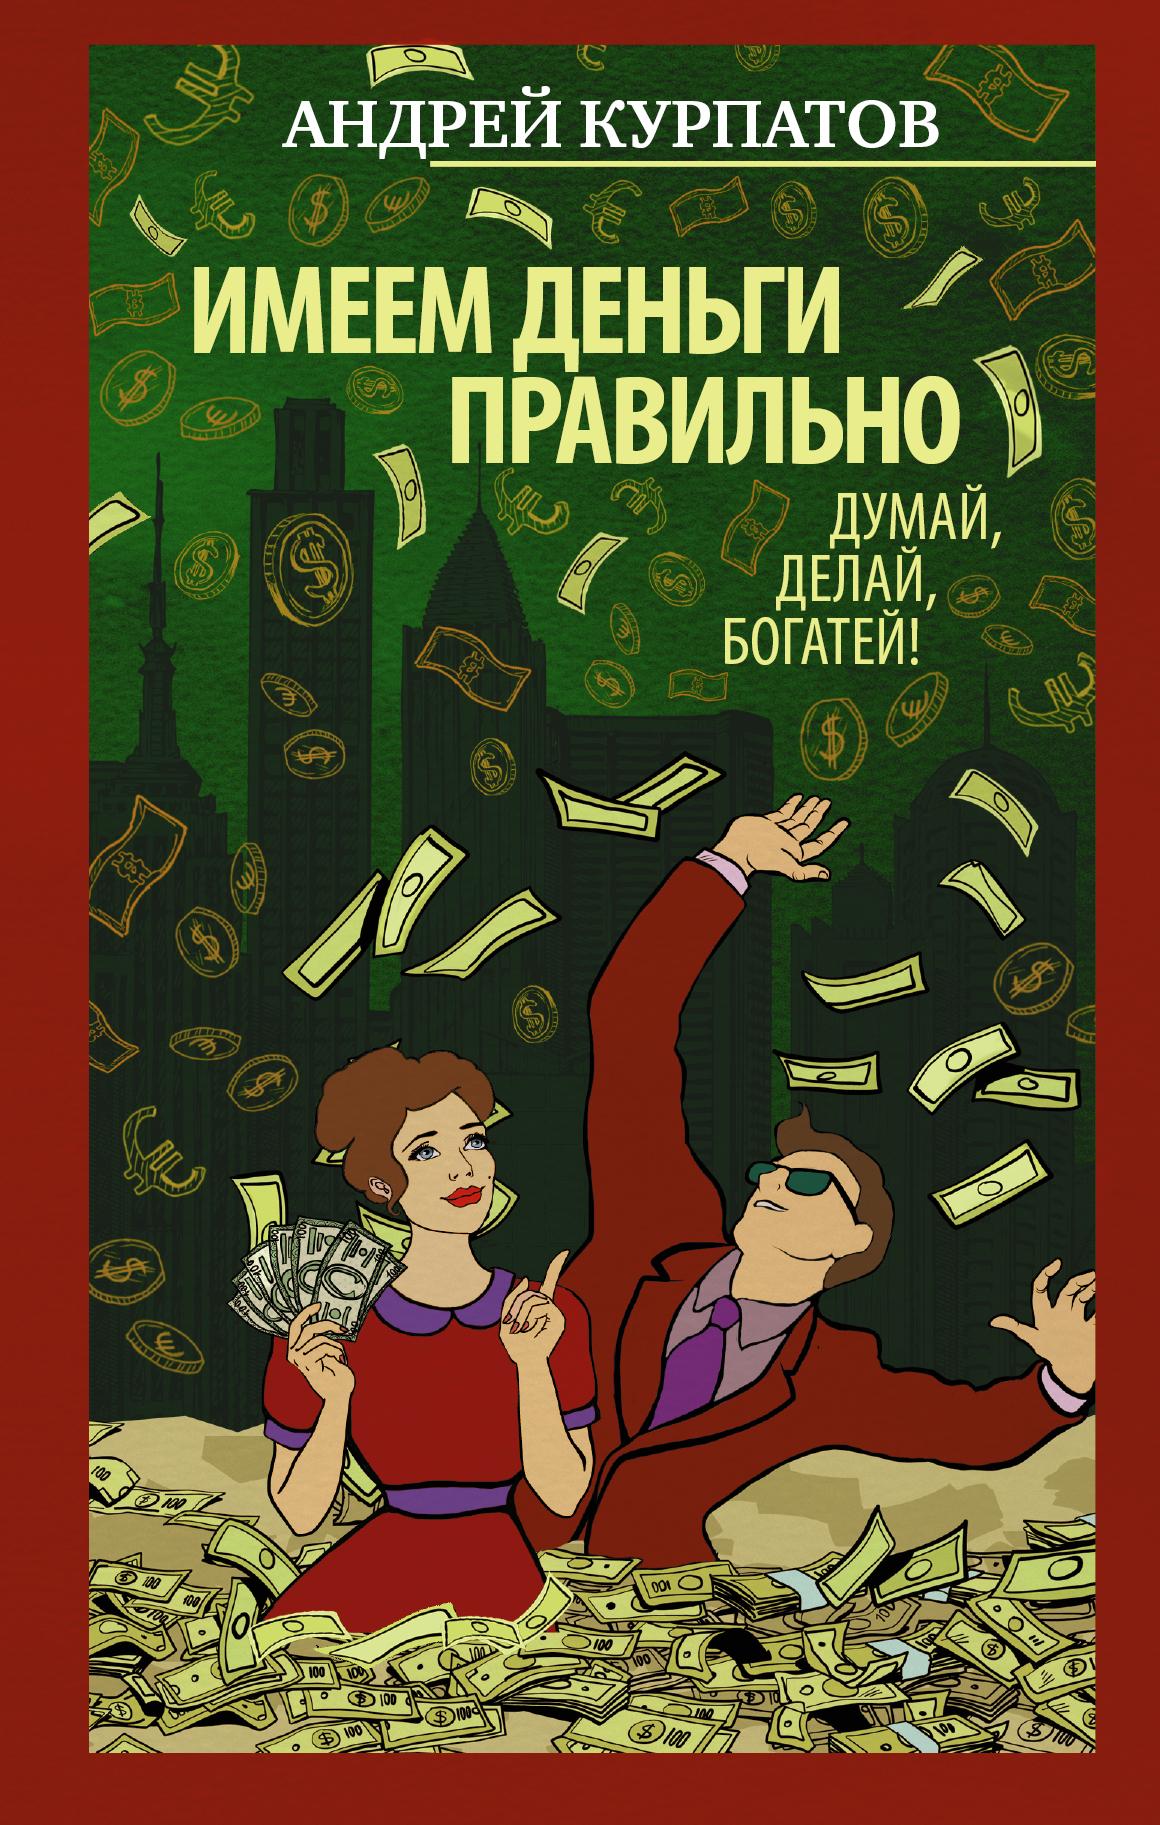 Андрей Курпатов Имеем деньги правильно. Думай, делай, богатей! idvd доктор андрей курпатов все решим проблемы из детства